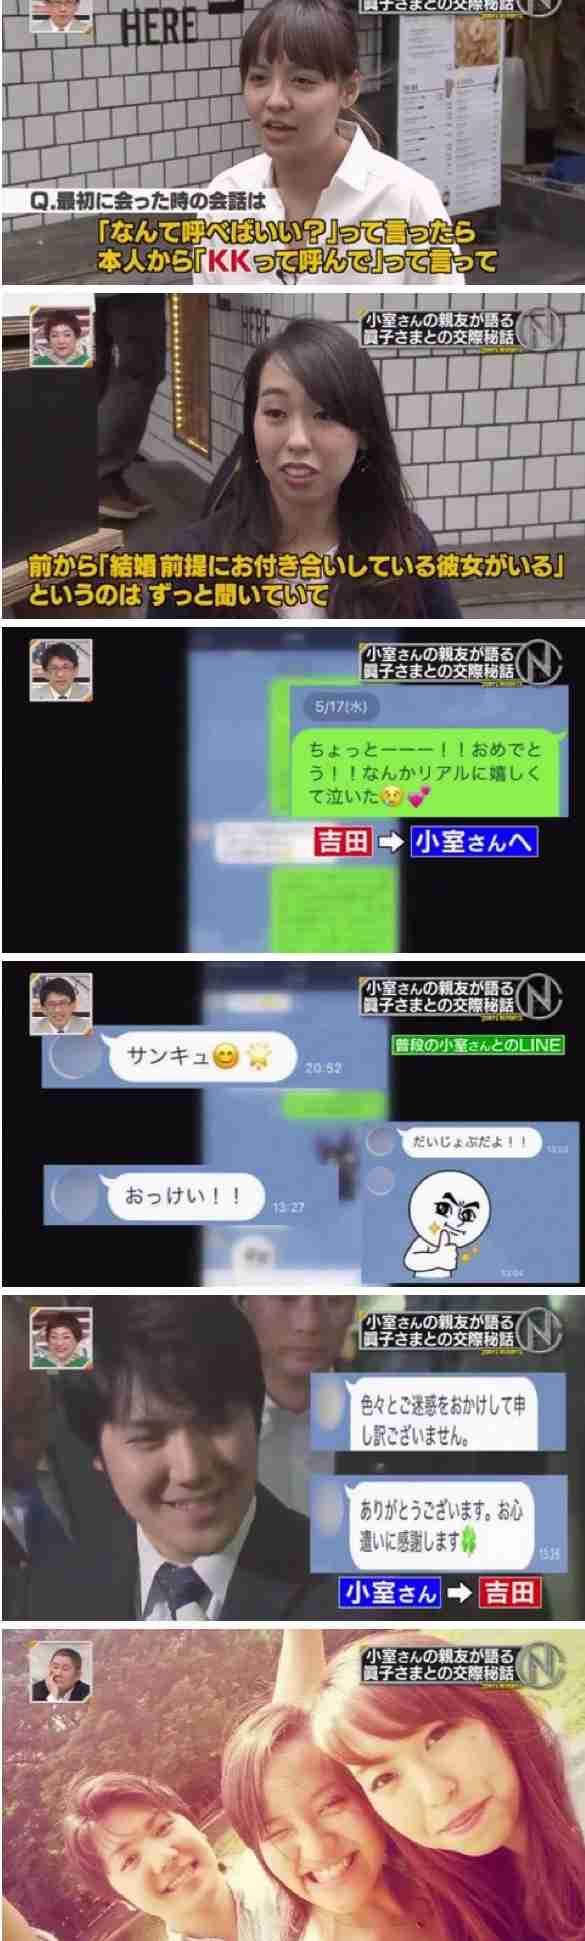 佳子さま、「富士急行」の御曹司と熱烈交際中か